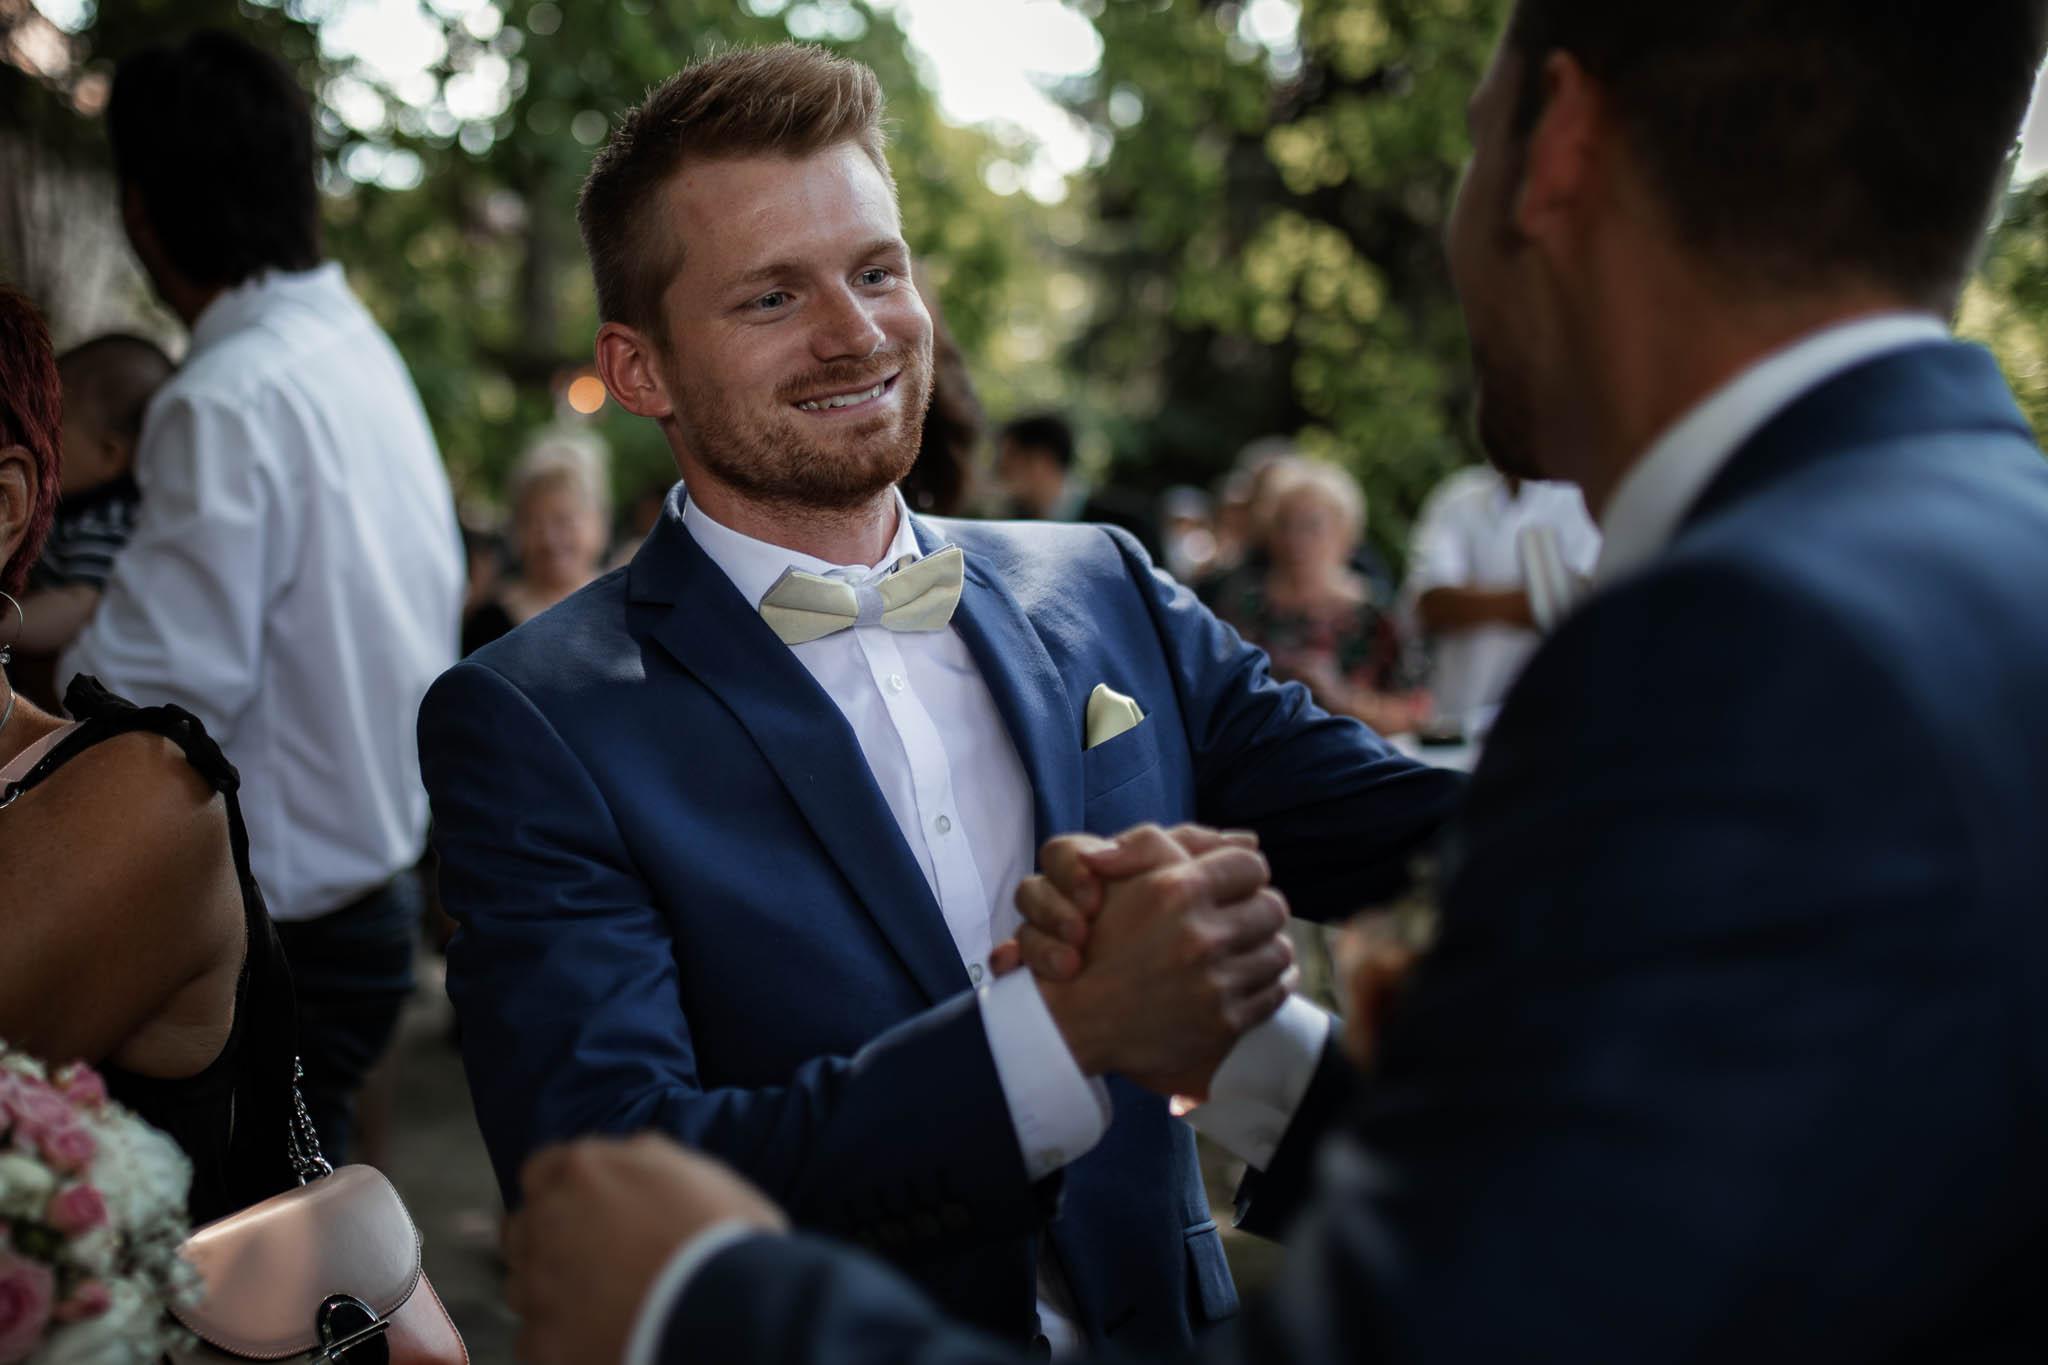 Hochzeitsfotograf Gundheim 67